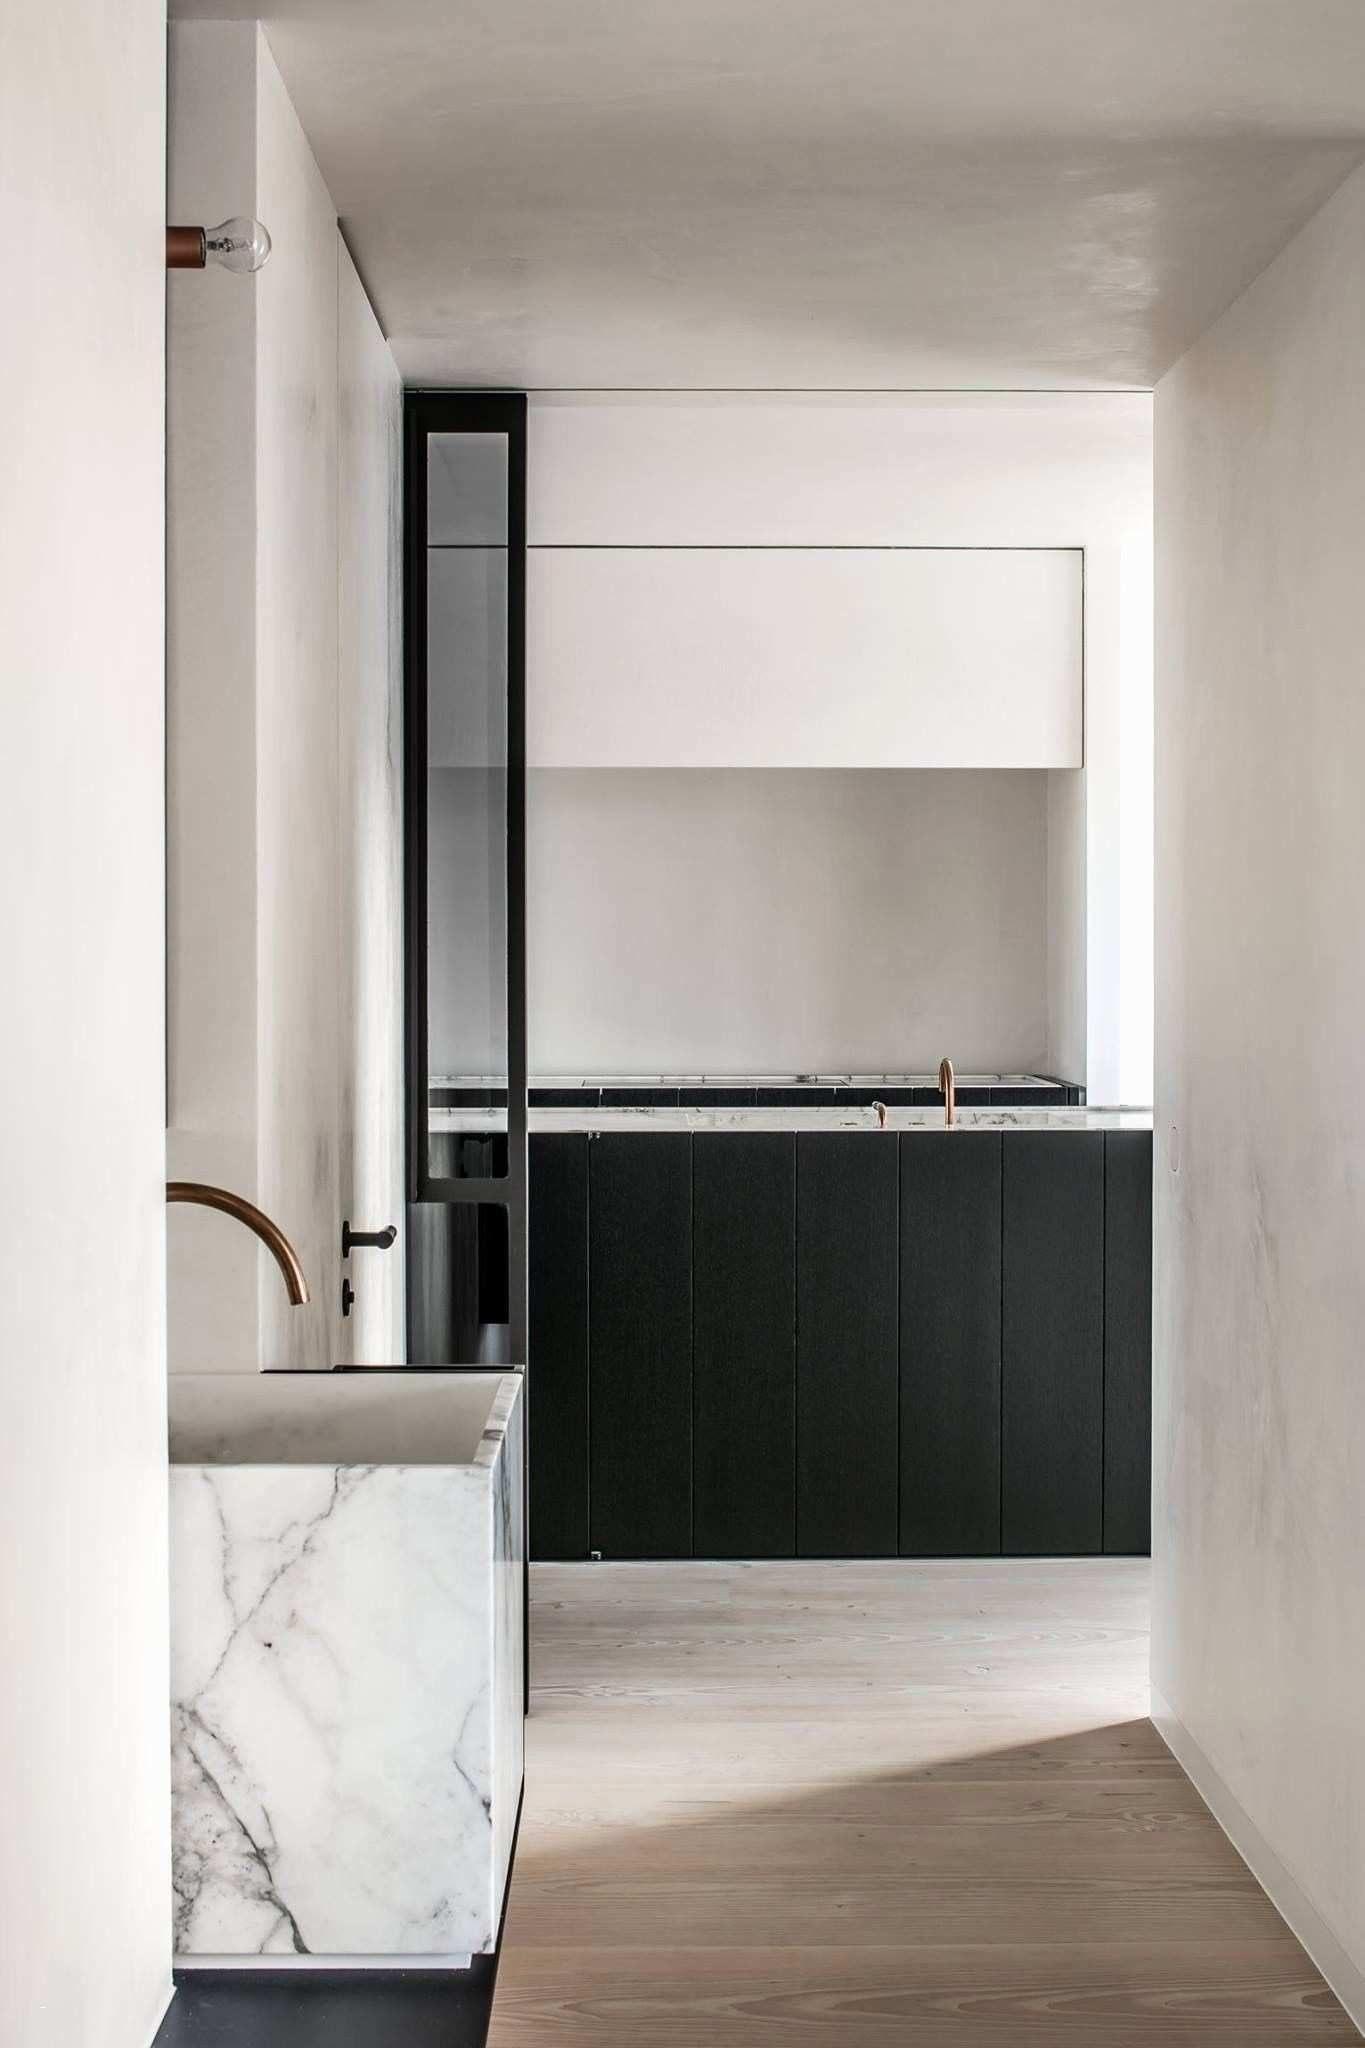 Lit 2 Places Ado Fraîche étourdissant Chambre Mezzanine Ado Sur Lit Mezzanine Design Lit